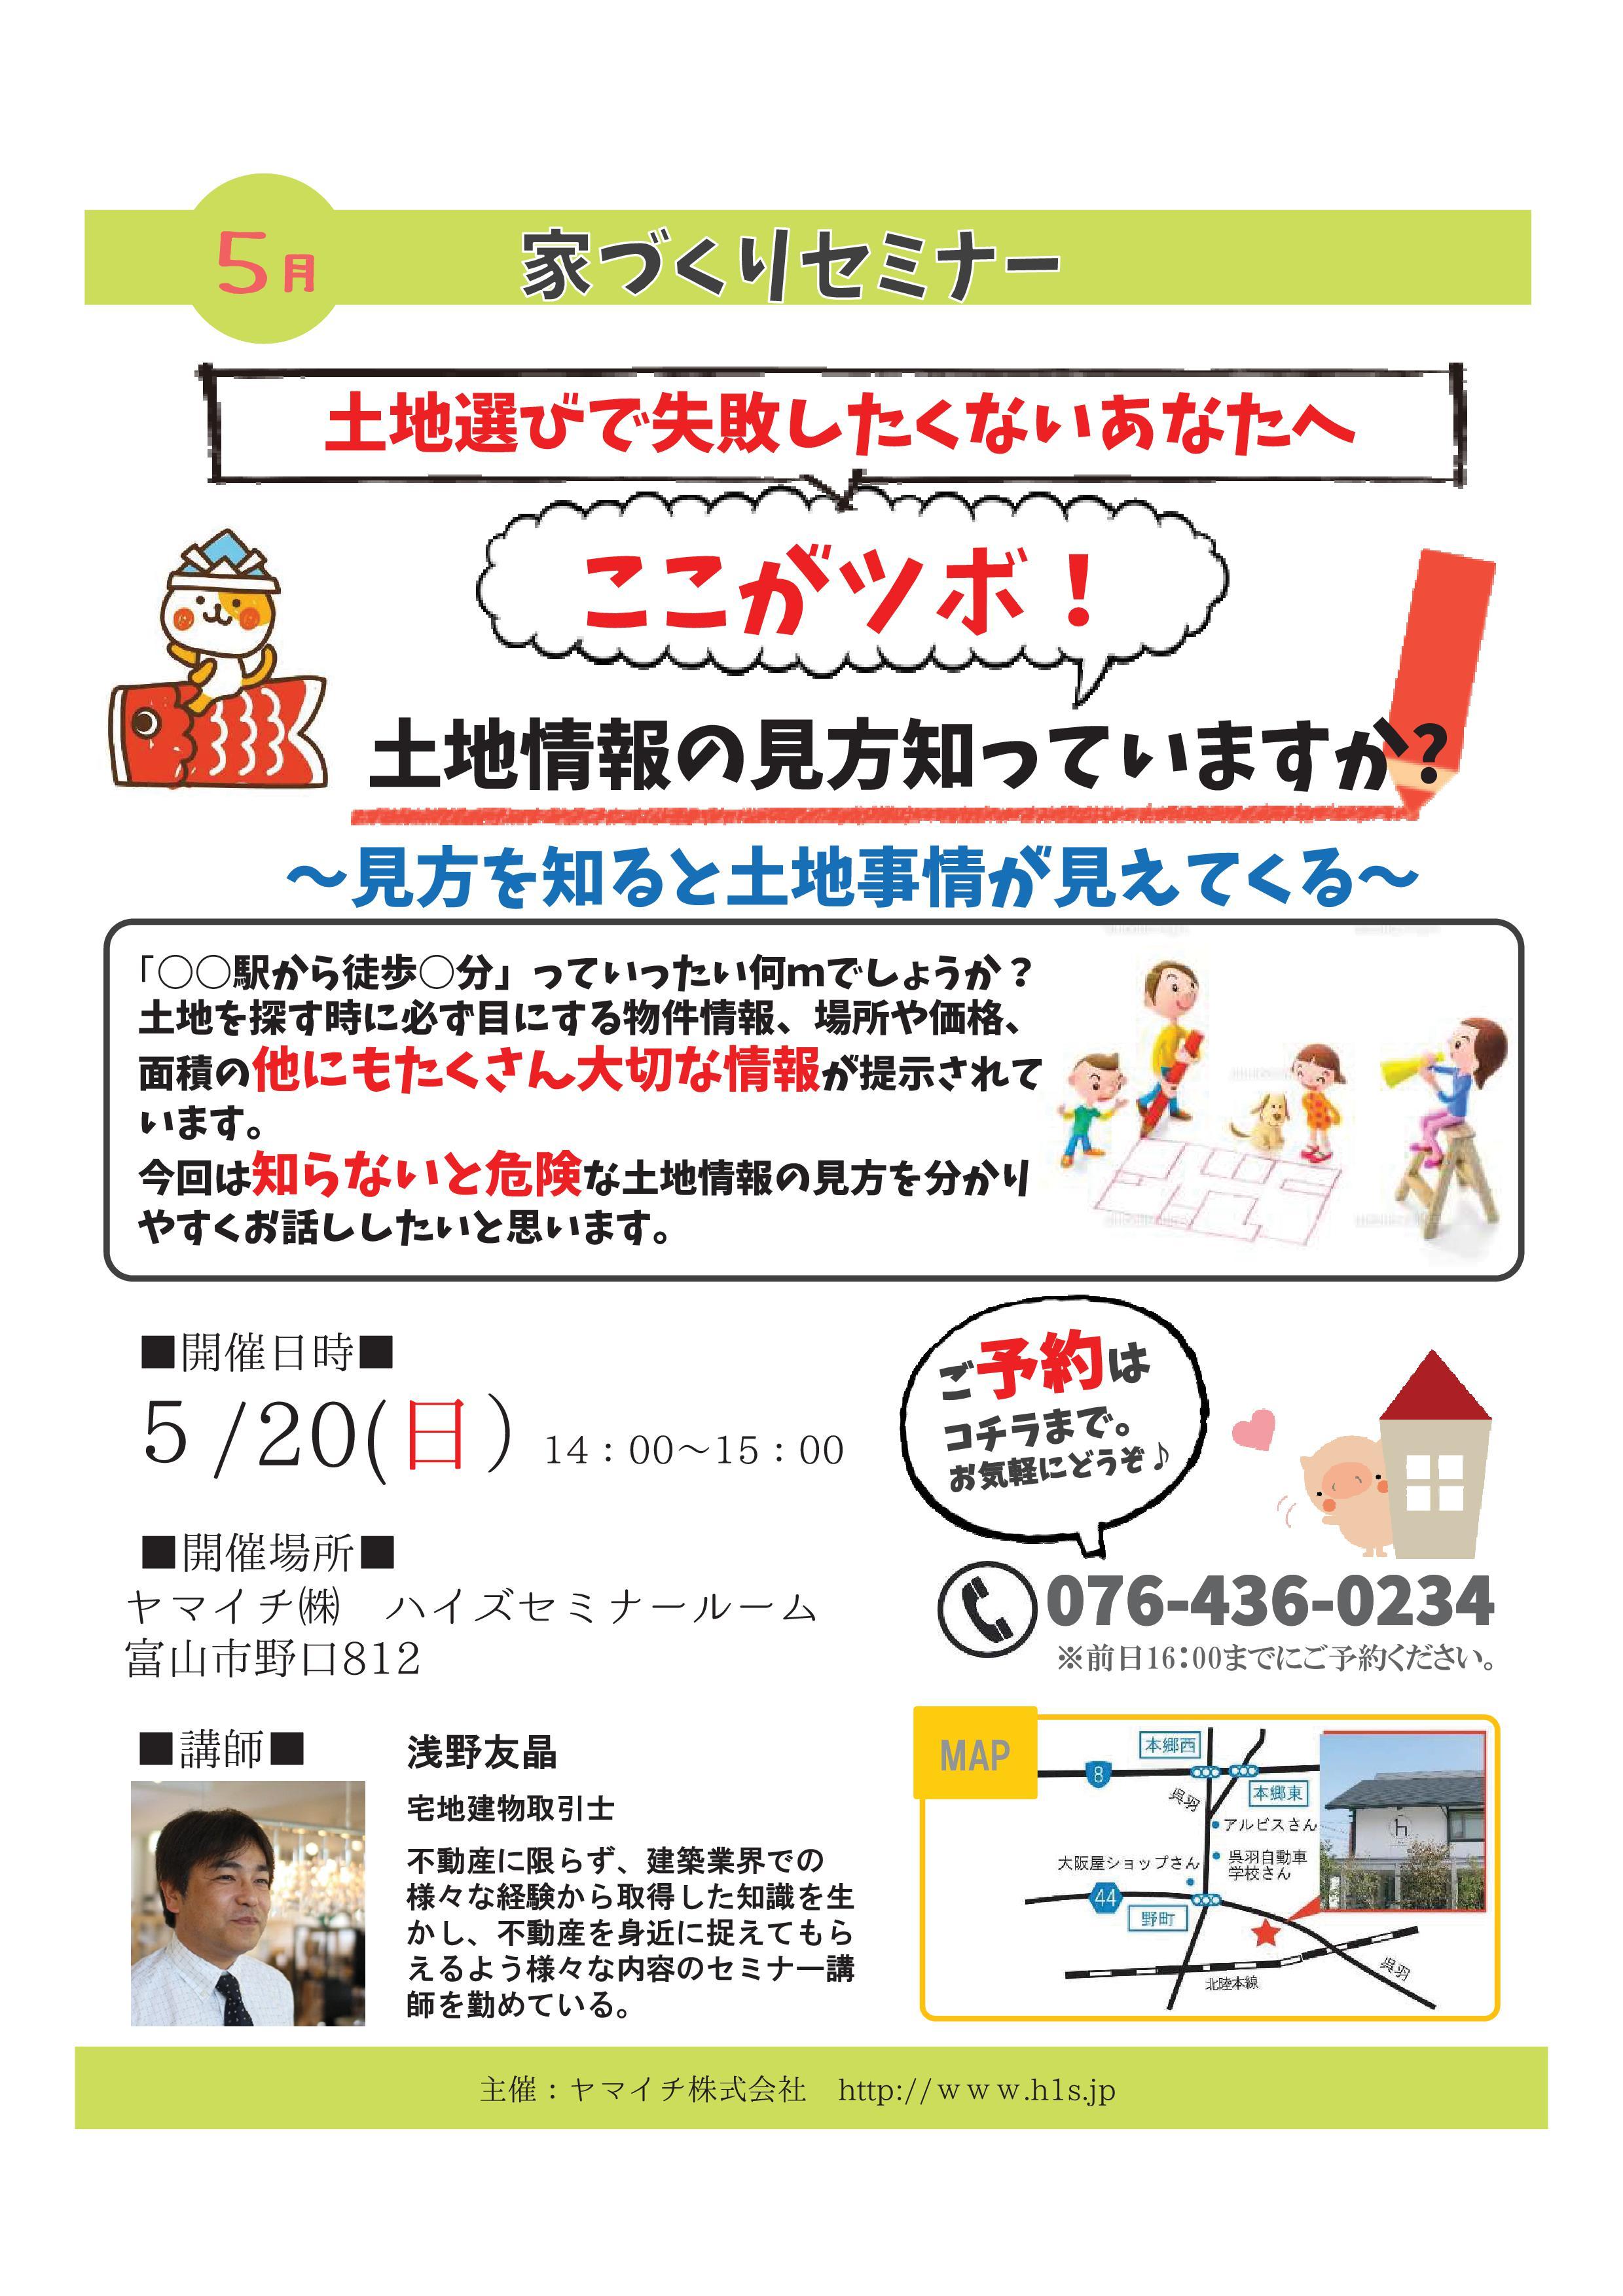 【セミナー】5/20(日)「土地情報の見方知っていますか?」